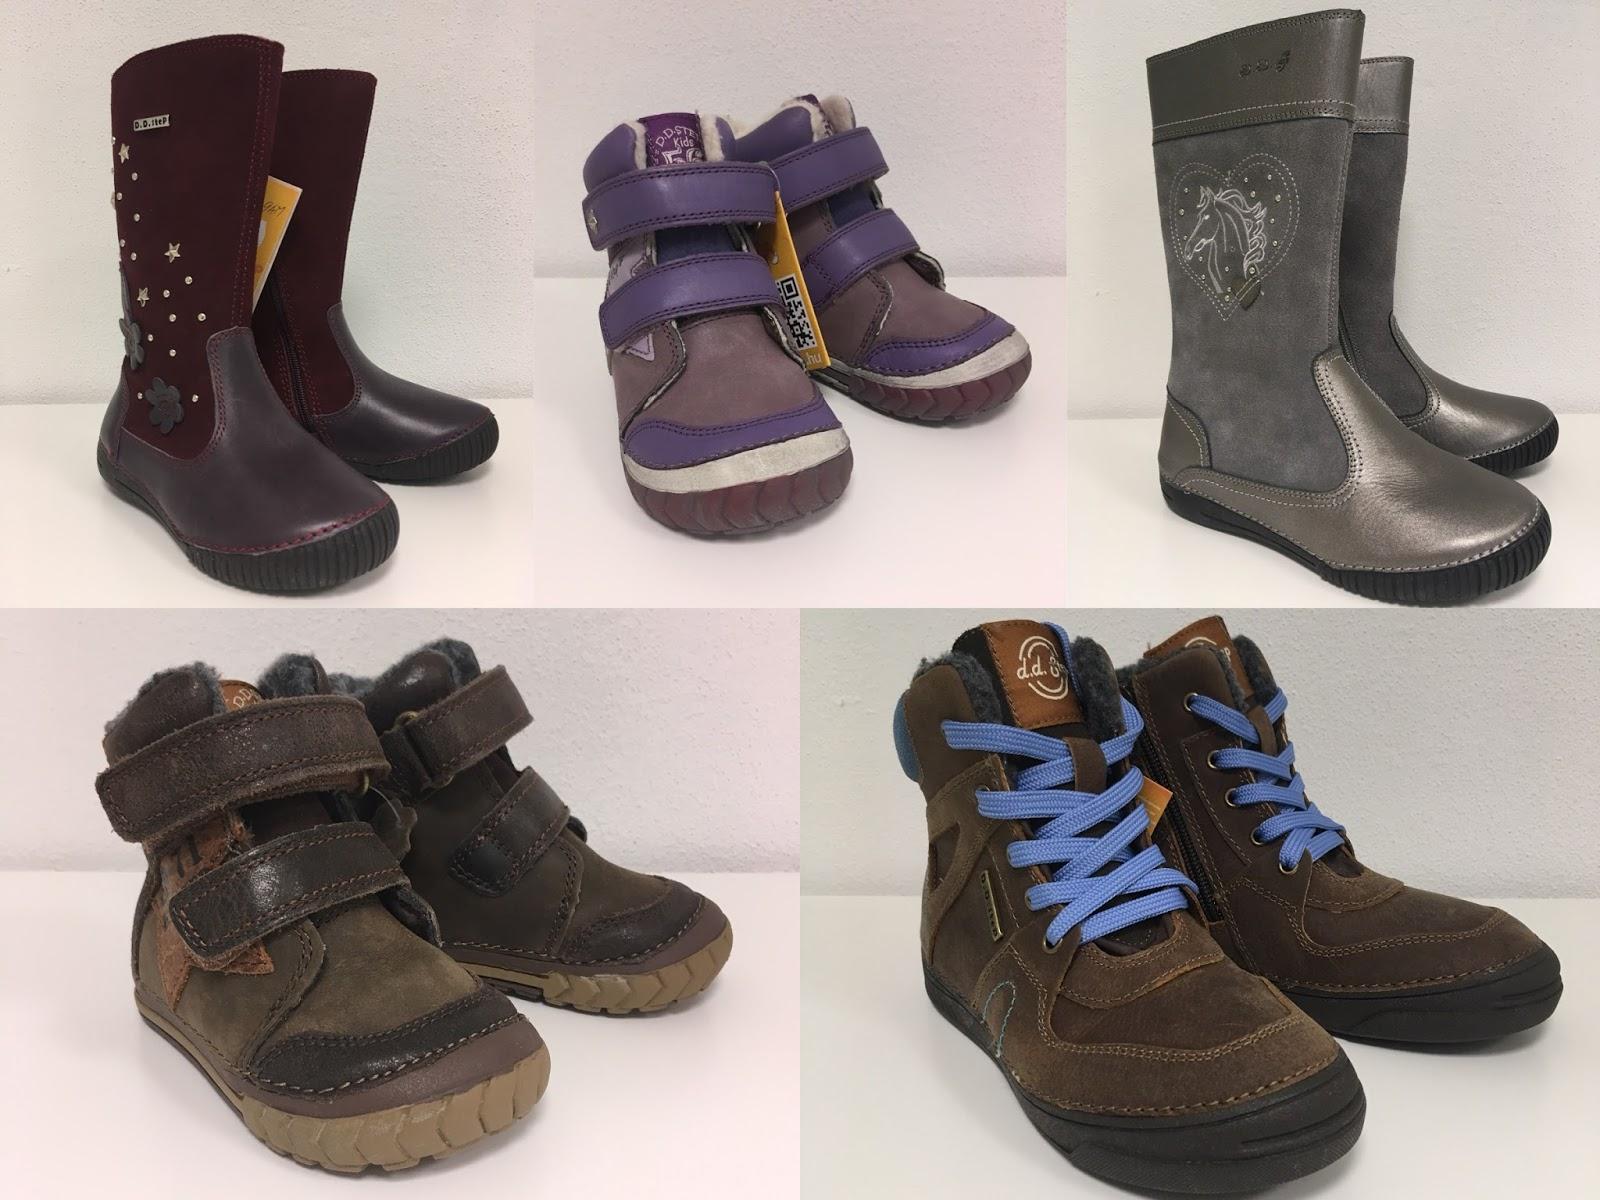 Nabídka botiček Jack Lily - Zimní zateplená obuv z řady My Boots. Jsou  ručně vyrobené z eko kůže a netoxických materiálů c57048ad57